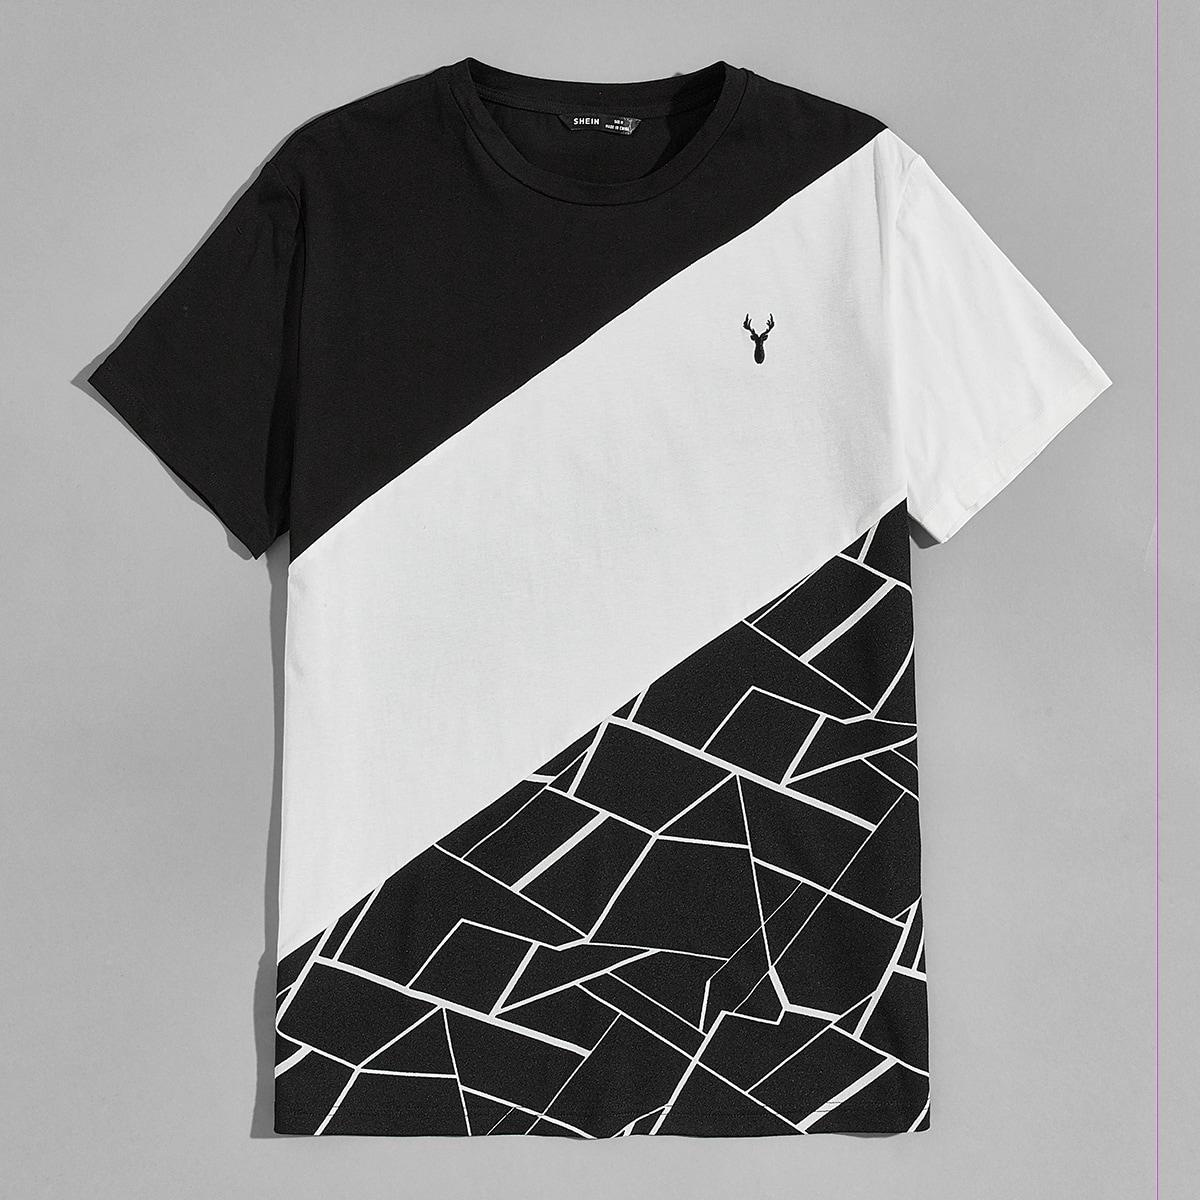 Мужская контрастная футболка с геометрическим принтом и вышивкой орла